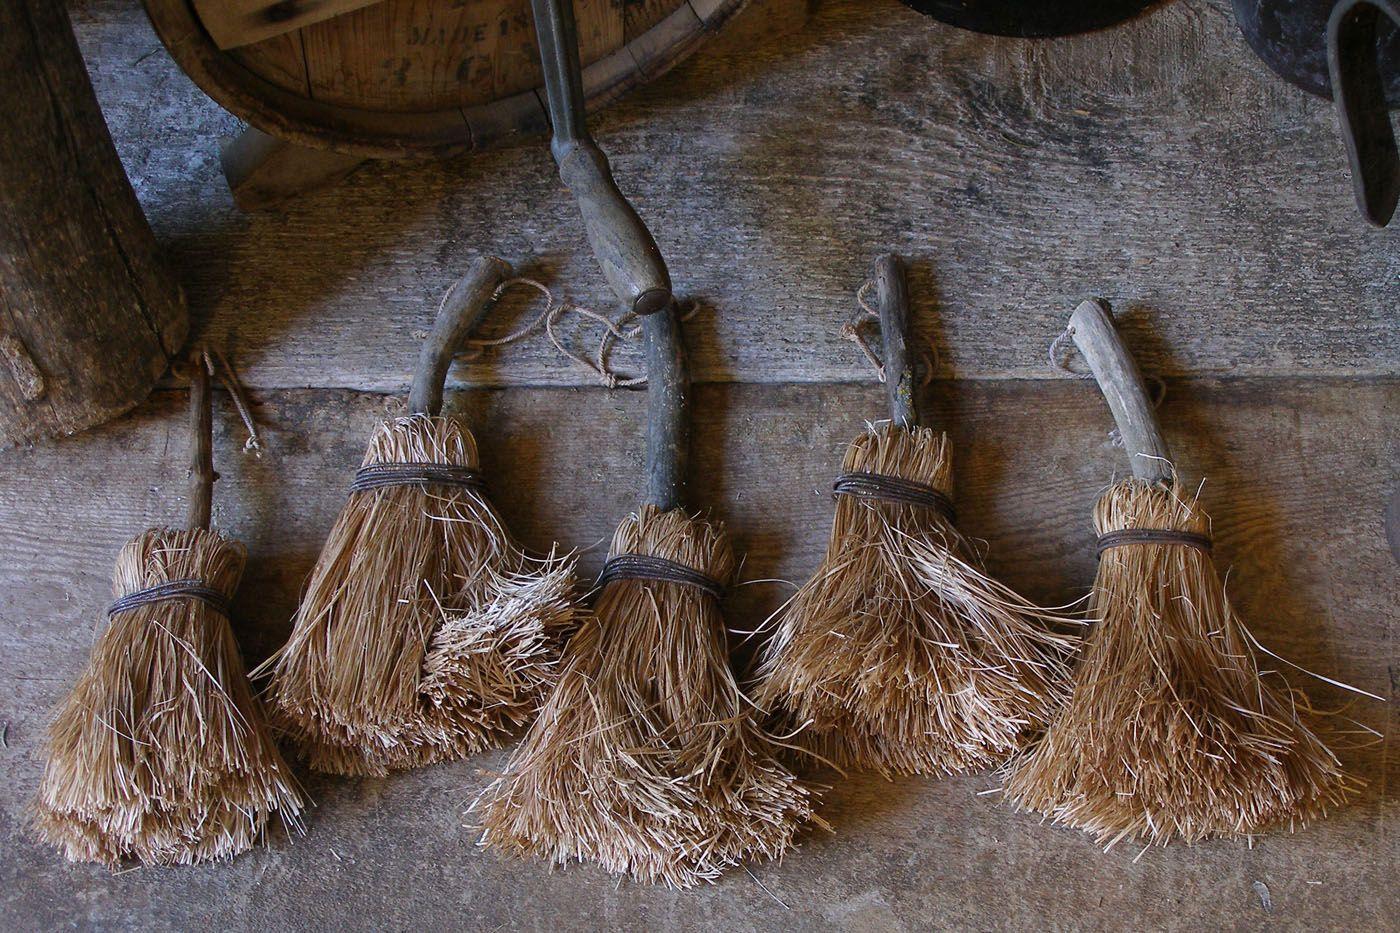 201 Pingl 233 Par Amy Eshelman Sur Primitives Brooms Brushes